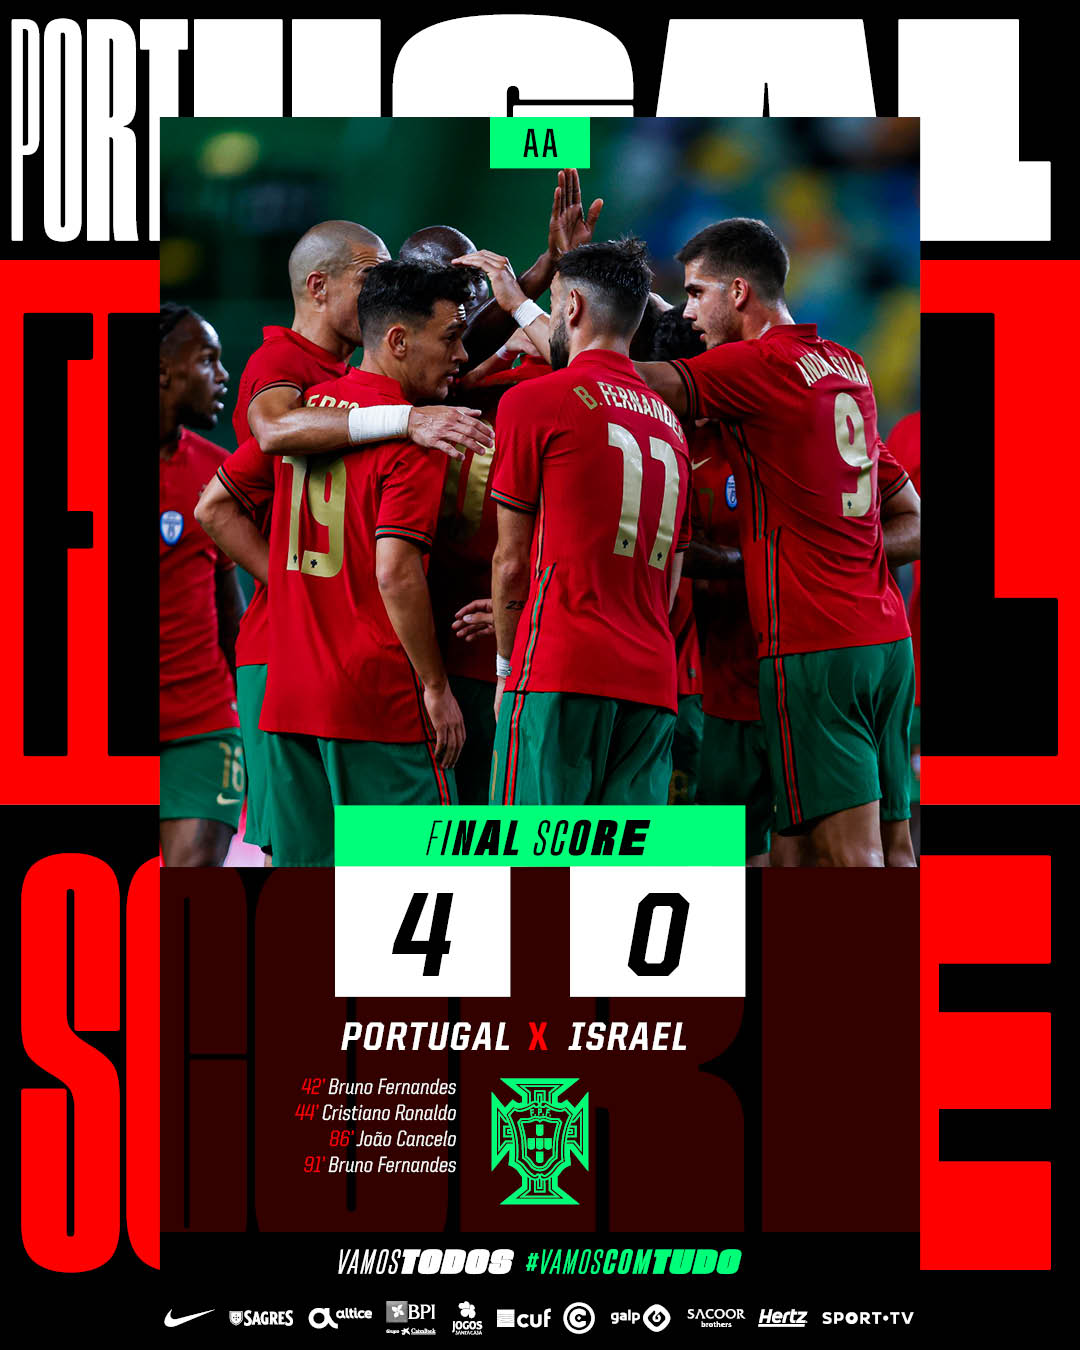 Hasil akhir Portugal 4-0 Israel pada laga ujicoba jelang Piala Eropa 2020, Rabu (9/6/2021)